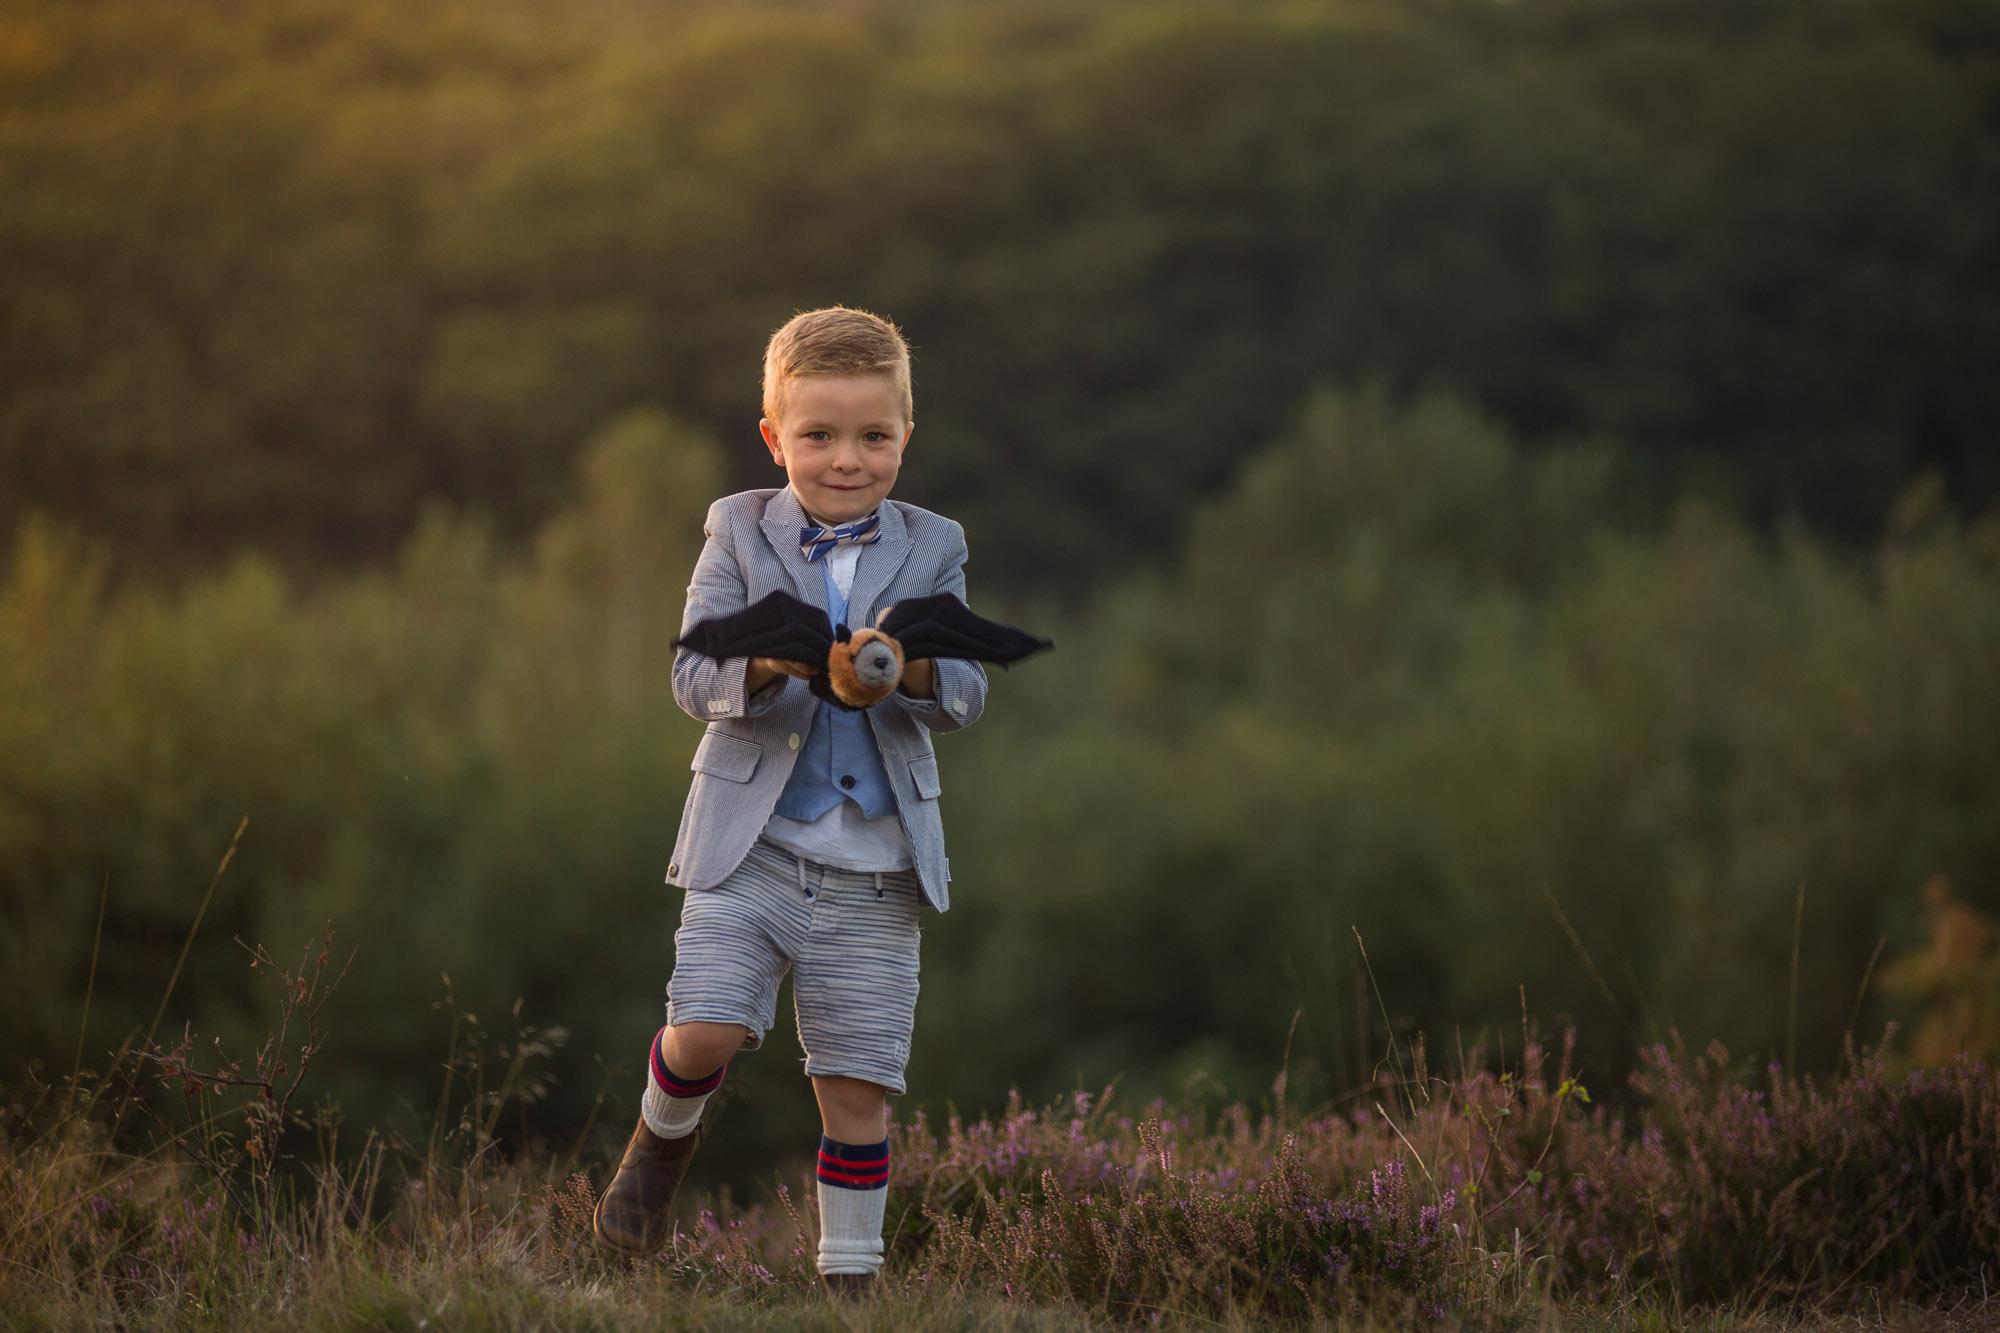 Kinder portretfotograaf in Amersfoort. Kinderportret door Mayra Fotografie. Kinder portret. Fotograaf Amersfoort. Fotograaf Nijkerk. Fotograaf Hoevelaken. Kinder fotoshoot op de heide tijdens het gouden uur.